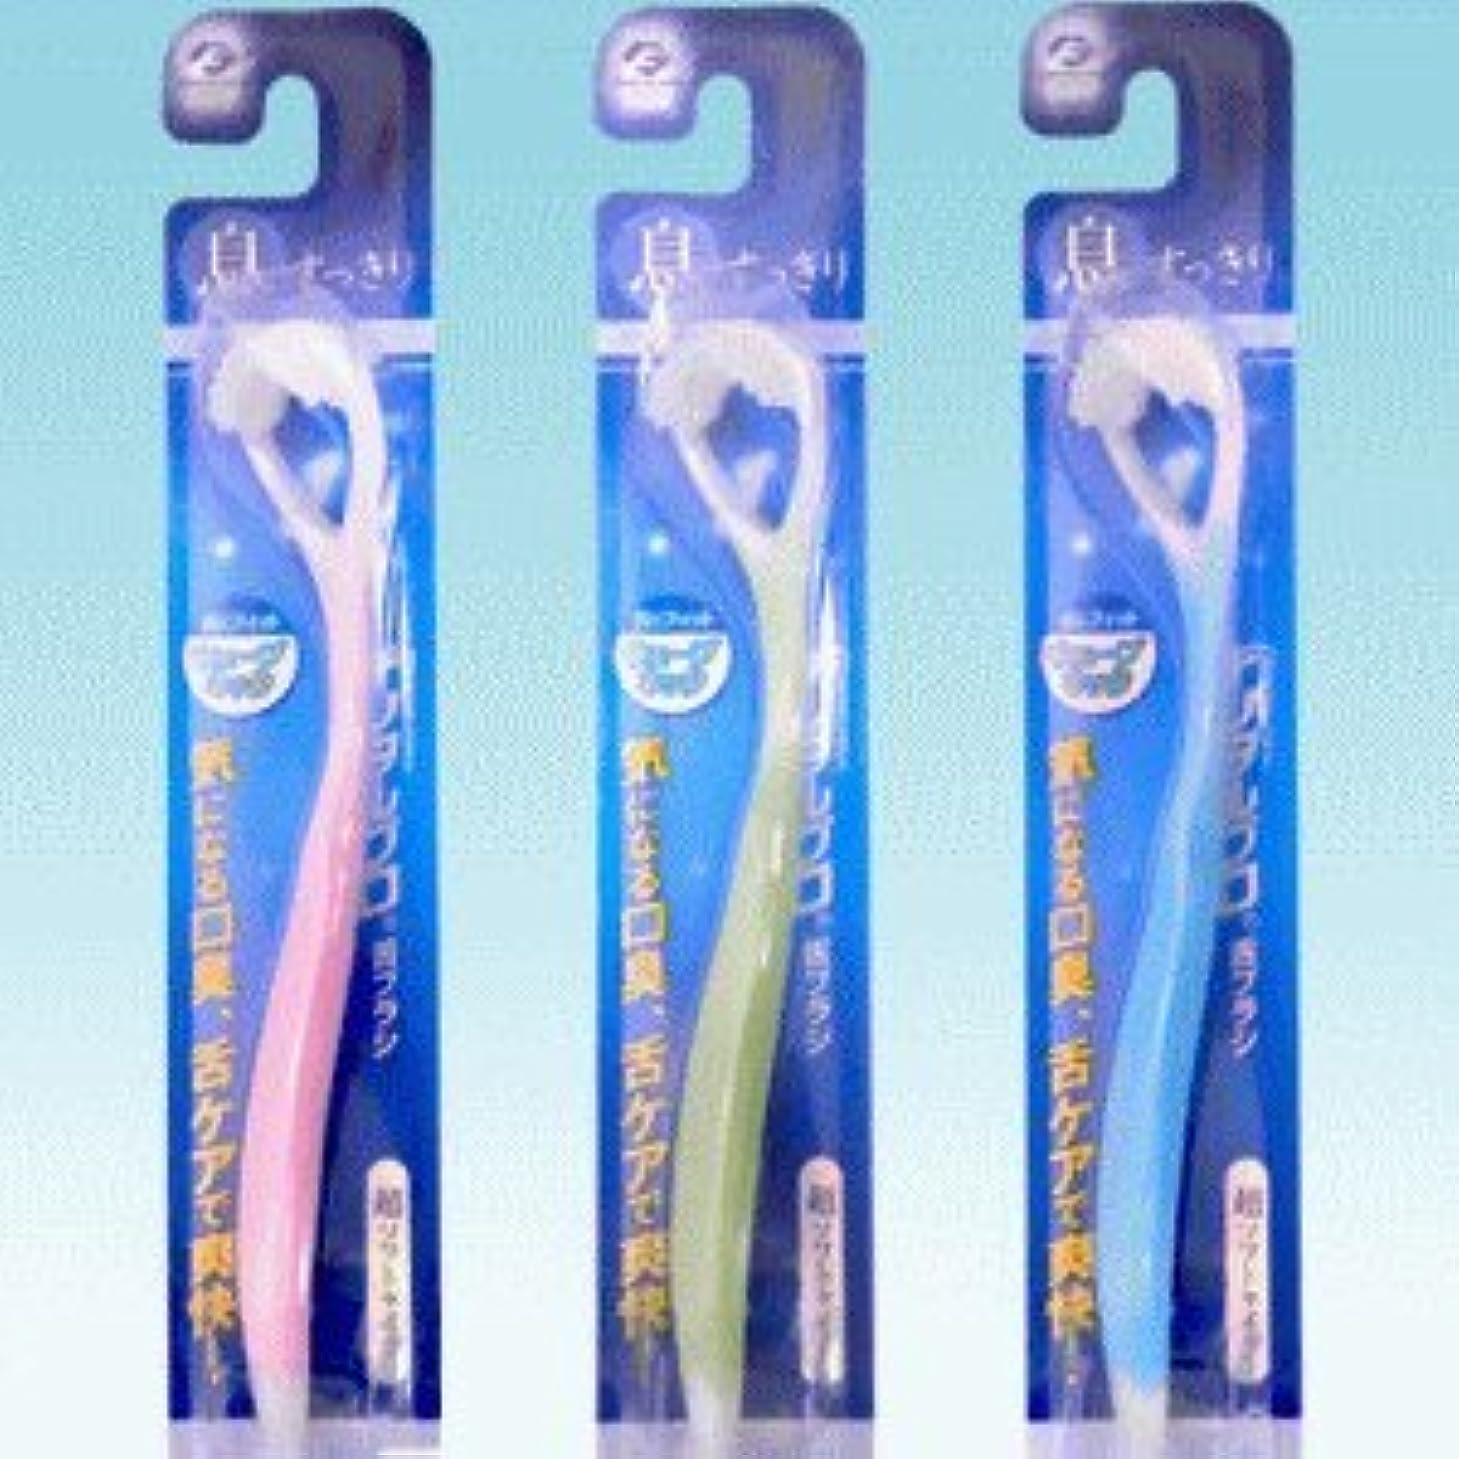 基本的なスナックペフデンタルプロ 舌ブラシ 3本セット ( ピンク ブルー イエロー 各1本ずつ)